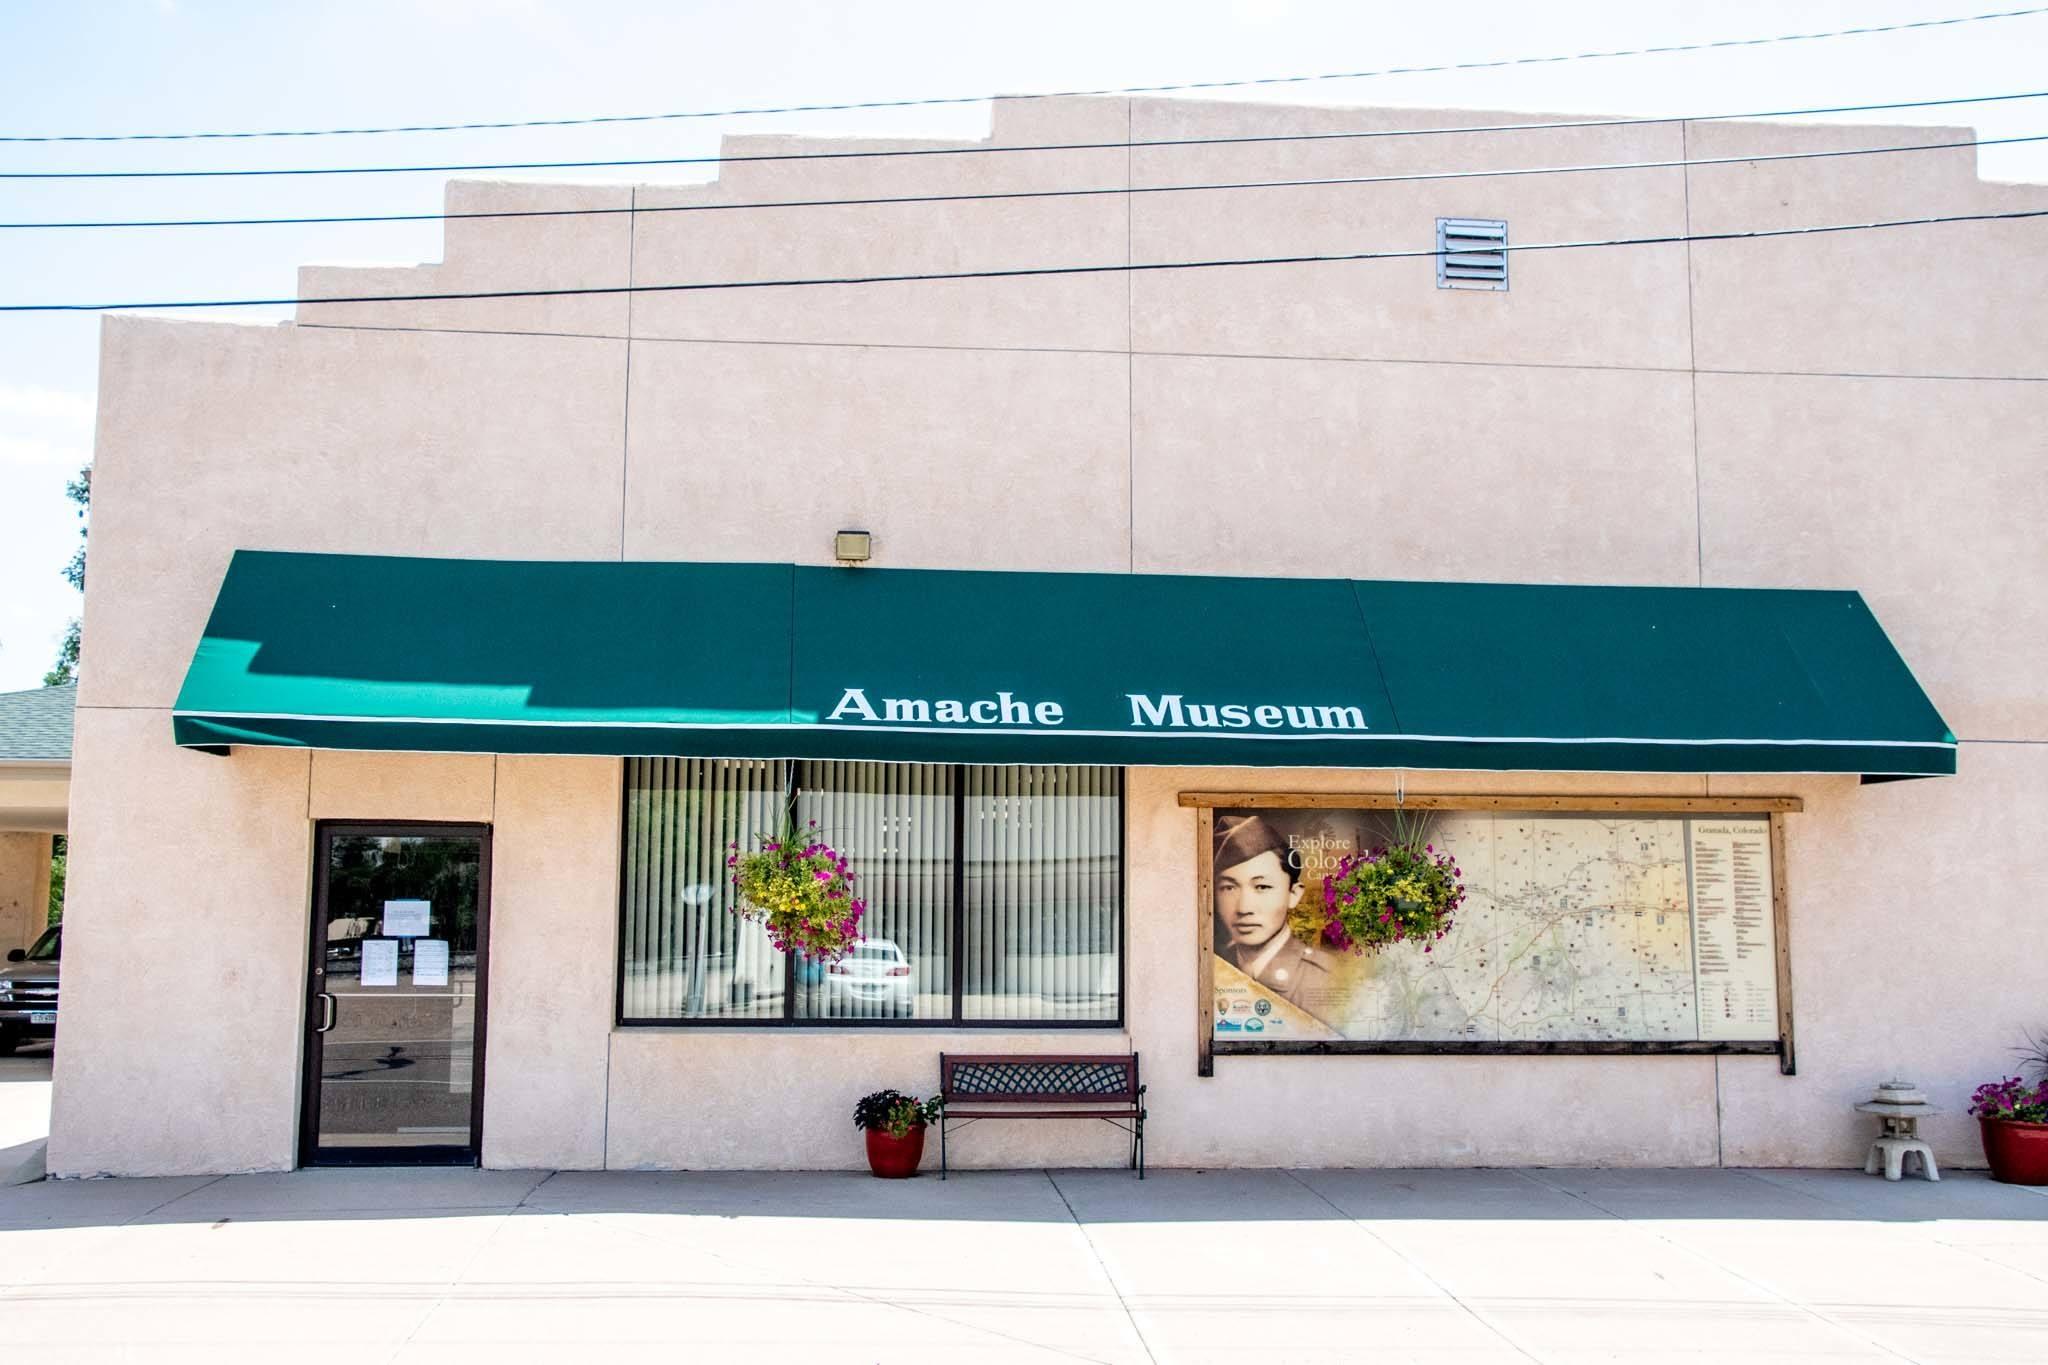 The Amache Museum in Granada Colorado